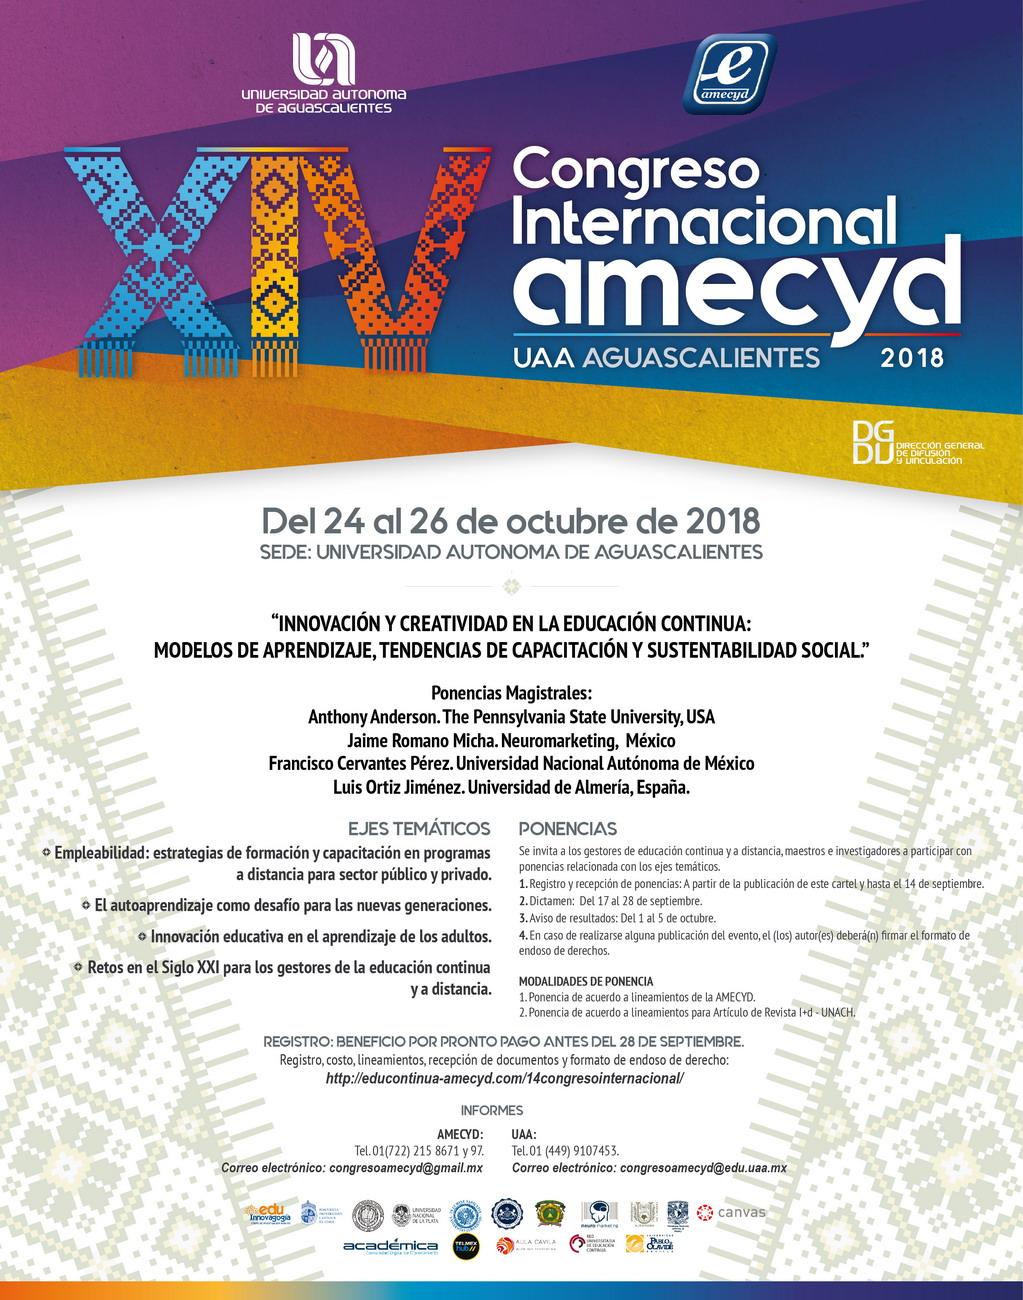 Congreso Internacional amecyd 2018